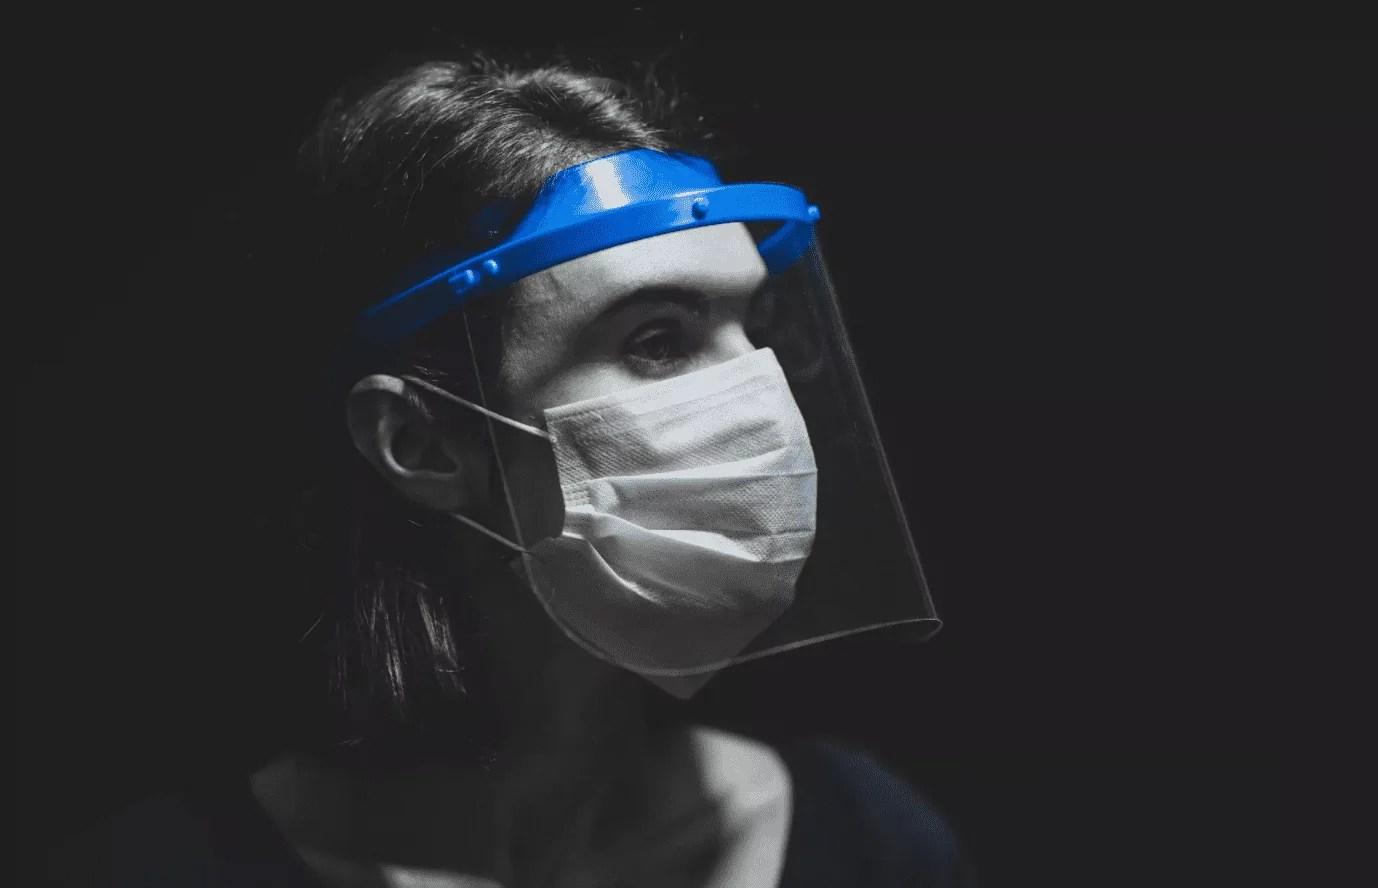 Foto mostra pessoa com máscara de proteção